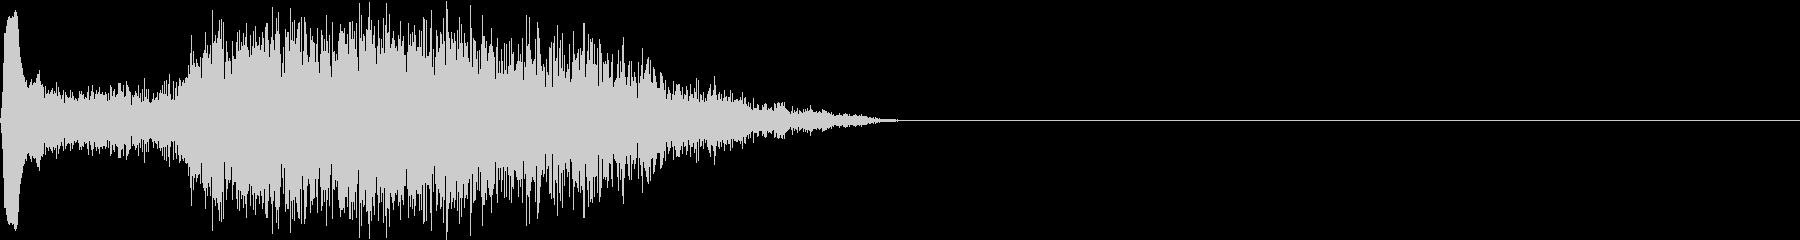 ショット_その3の未再生の波形